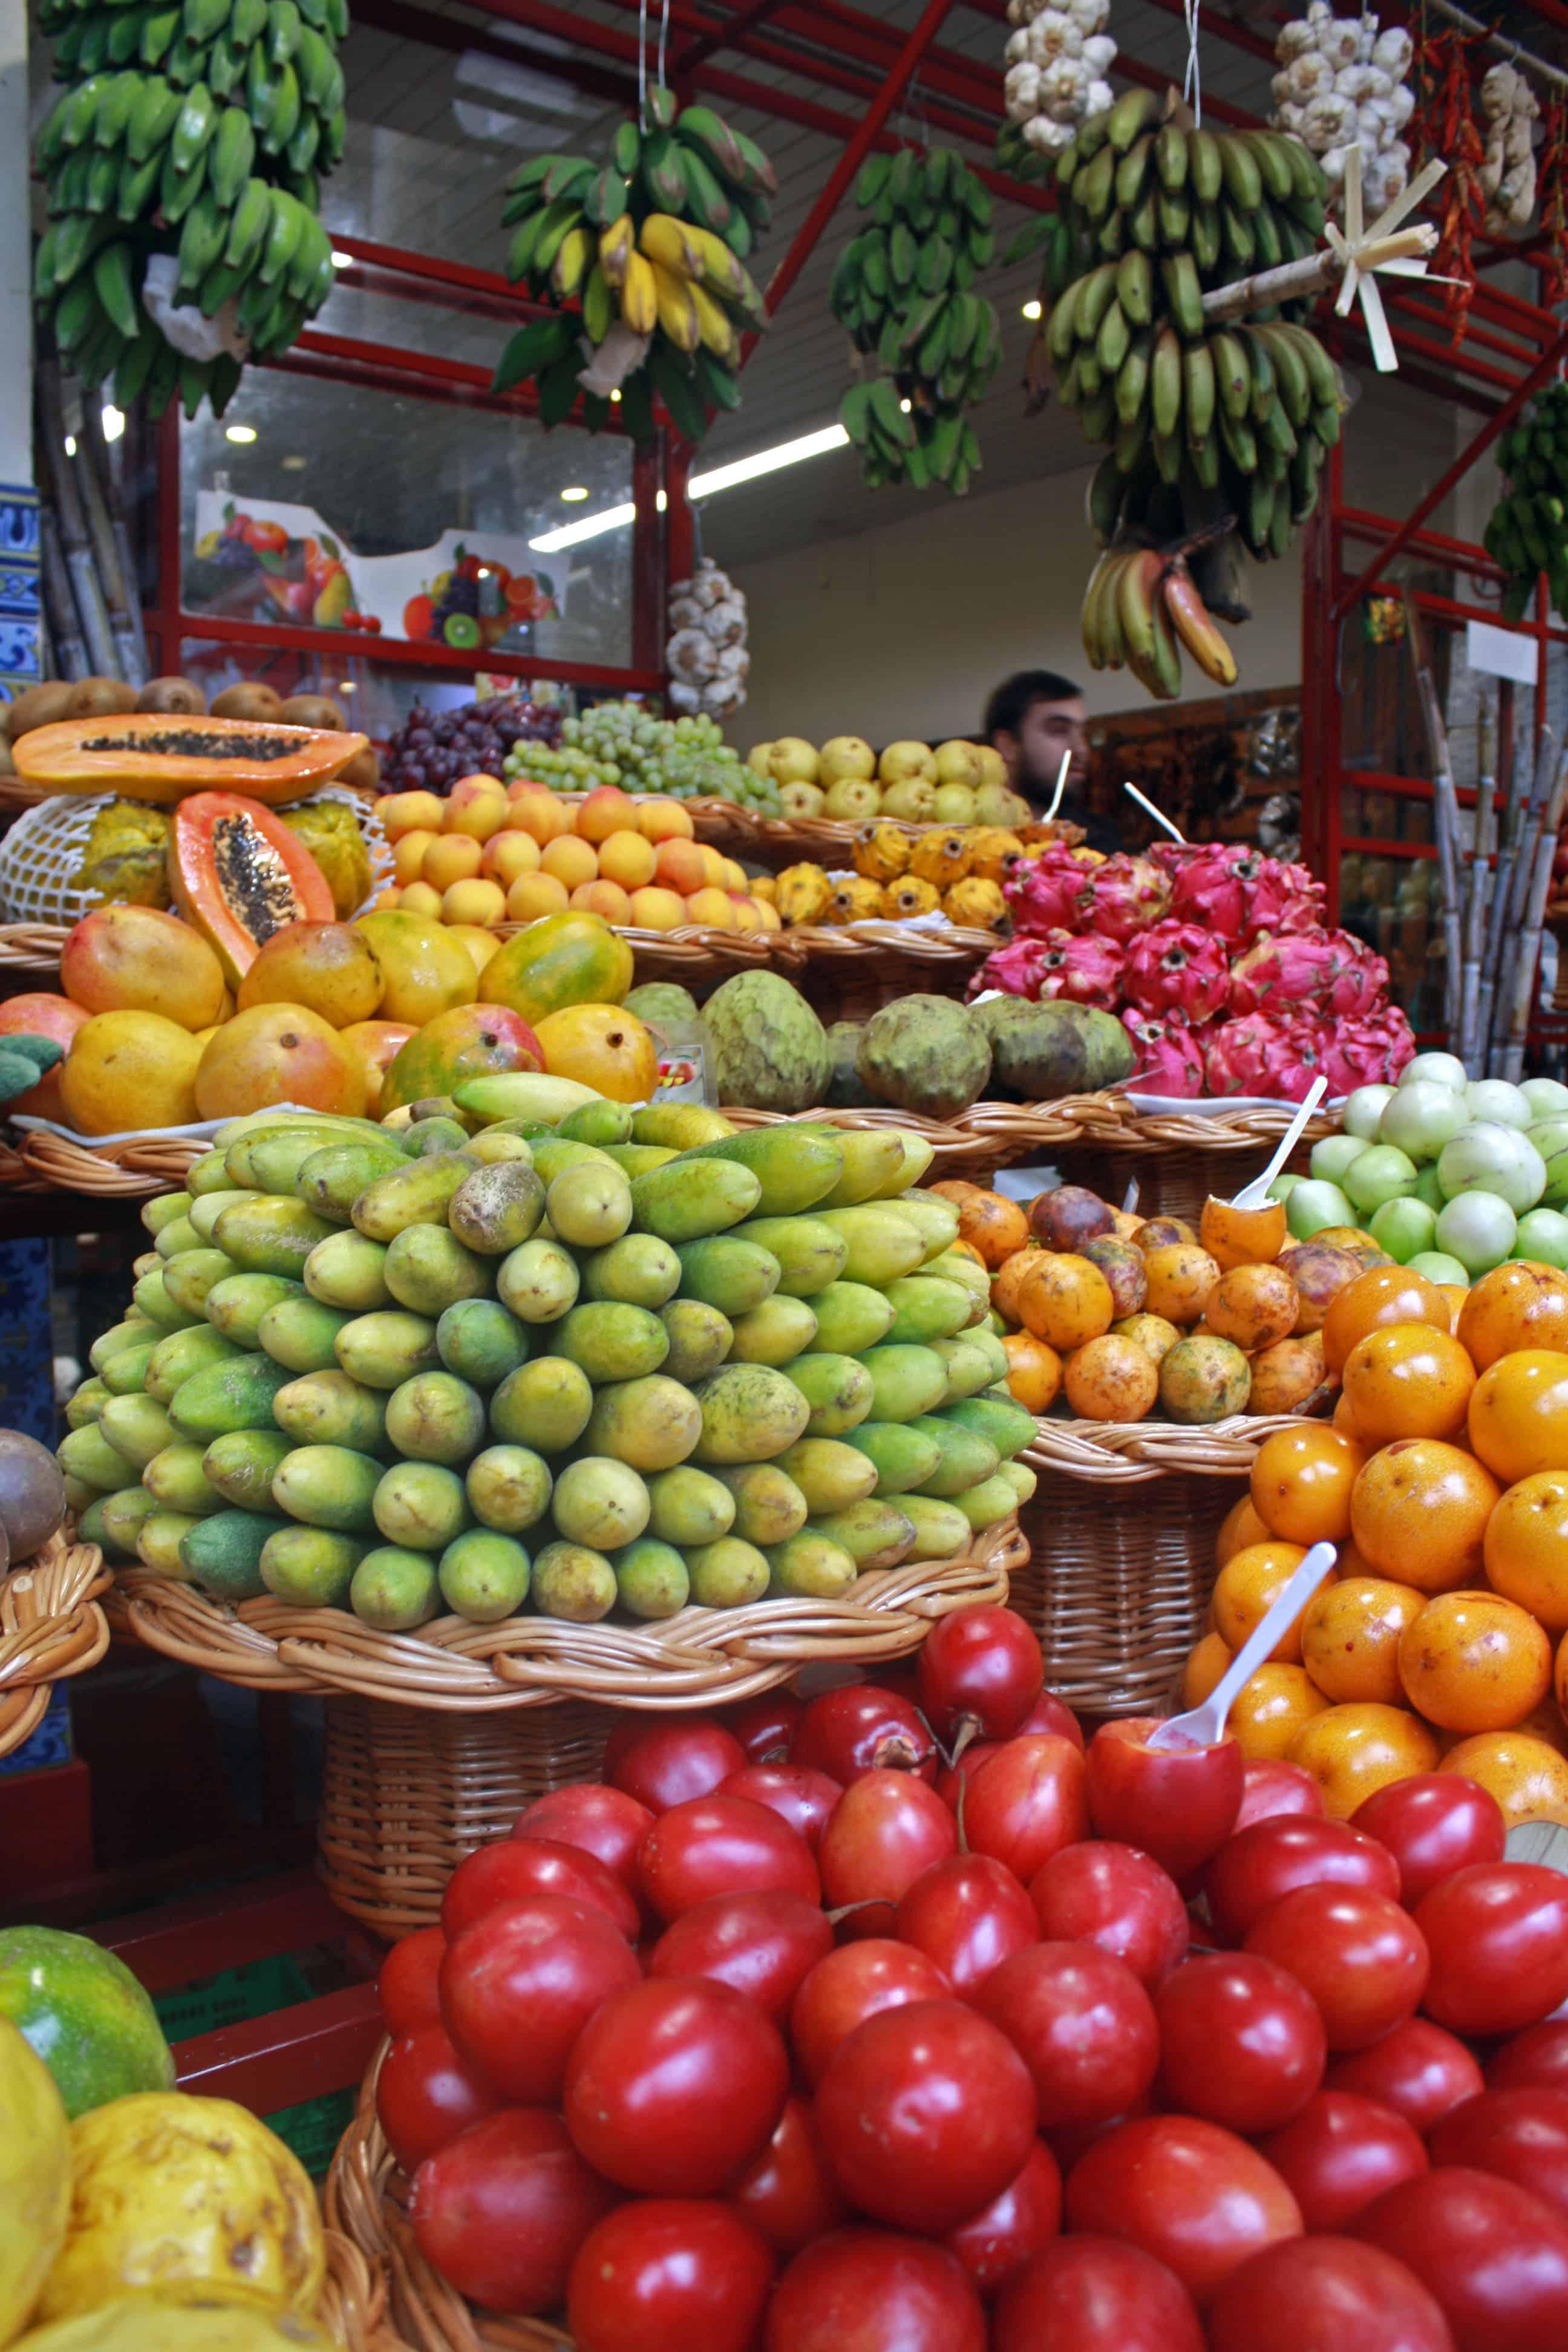 Fruit stall at Mercado dos Lavradores, Madeira